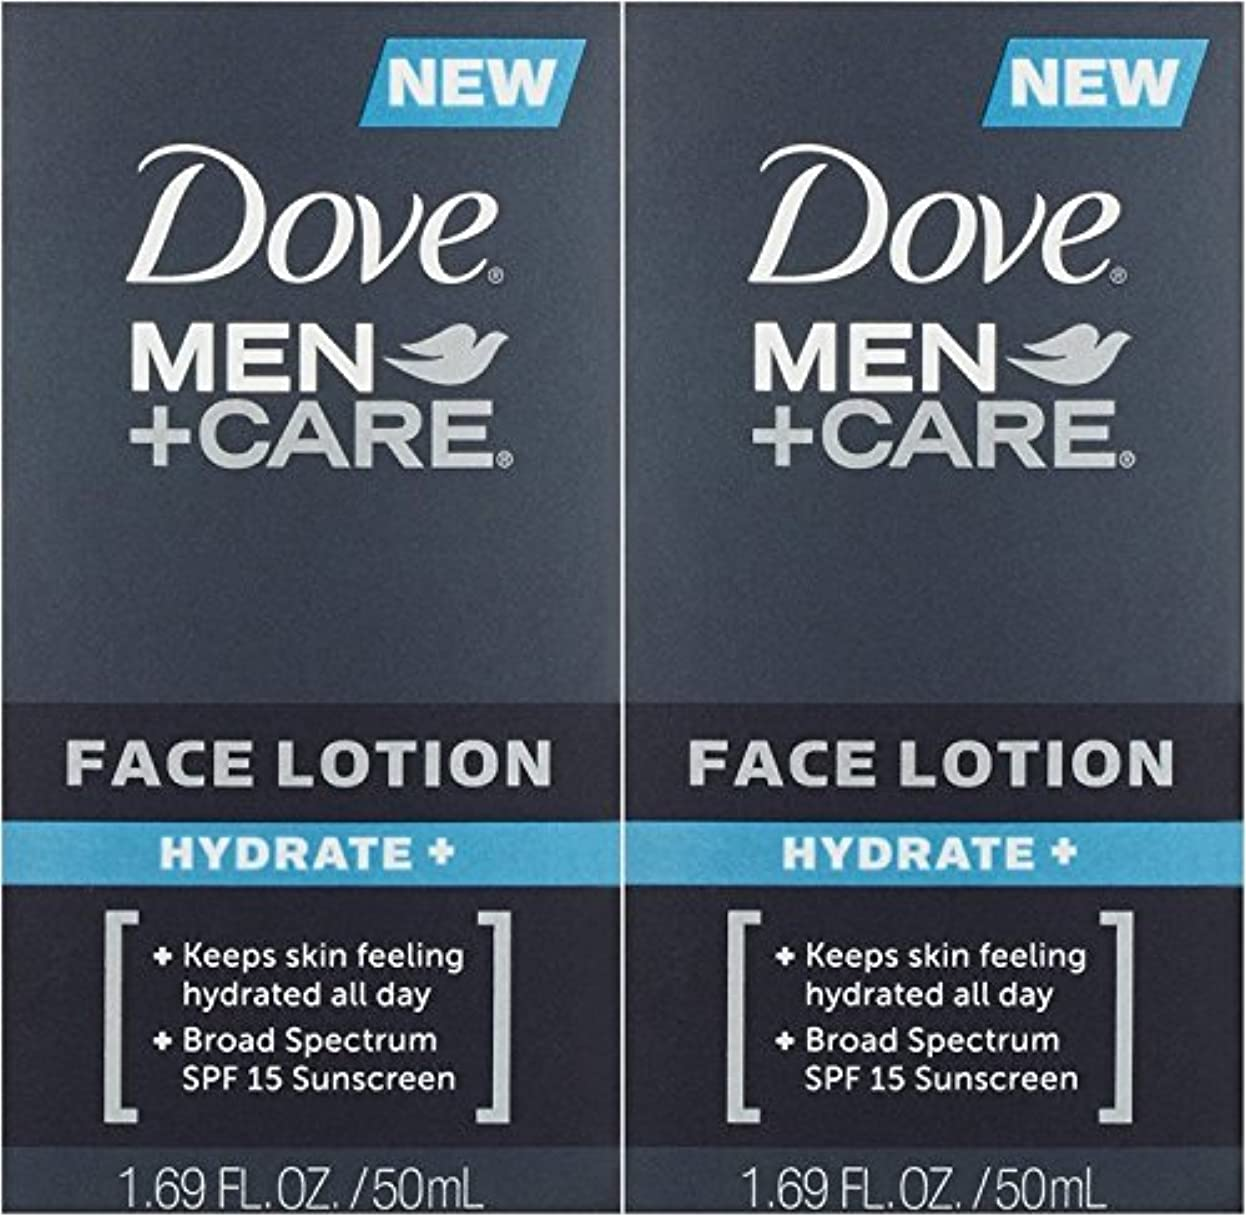 靄口保存する【アメリカ発送】 Dove Men+Care Face Lotion, Hydrate+ 1.69 oz ダブ 男性用 フェイスローション 潤い SPF 15 50ml